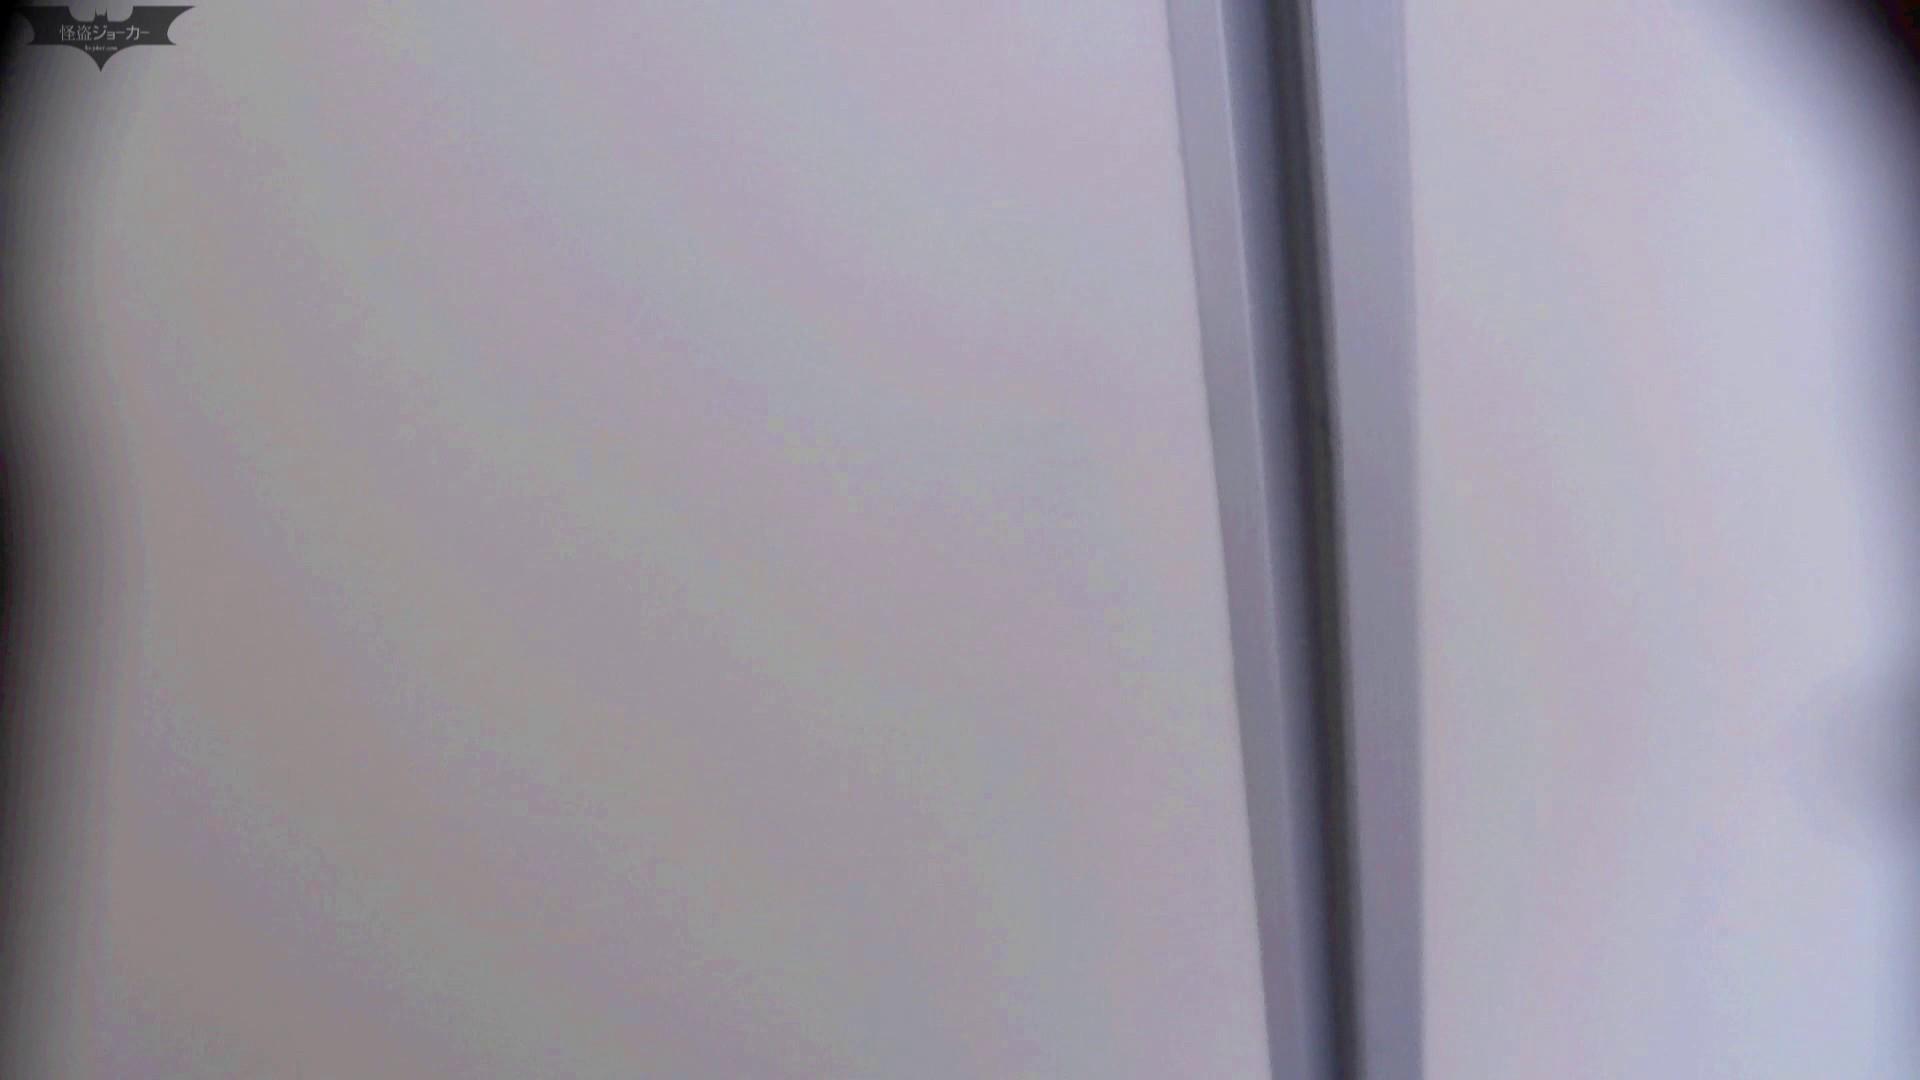 エッチ 熟女|お銀 vol.68 無謀に通路に飛び出て一番明るいフロント撮り実現、見所満載|怪盗ジョーカー